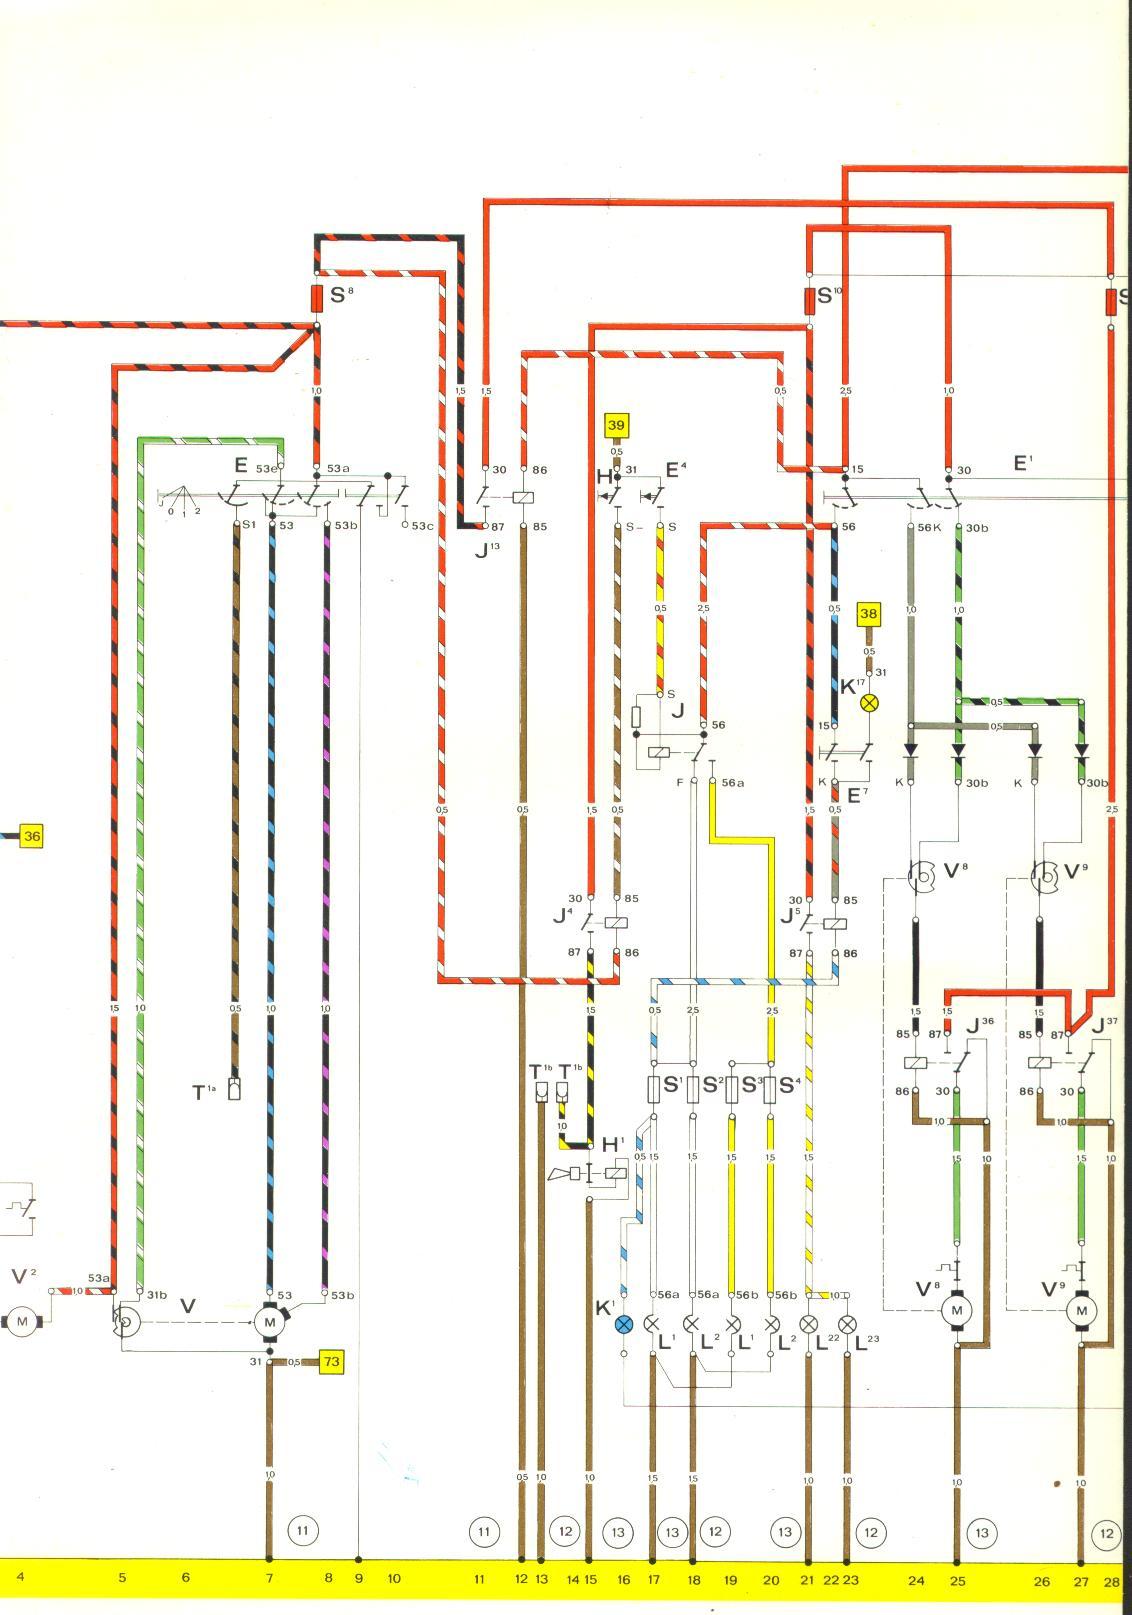 1974 Porsche 914 Wiring Diagram 1974 Automotive Wiring Diagrams – Porsche 914 Wiring Diagram